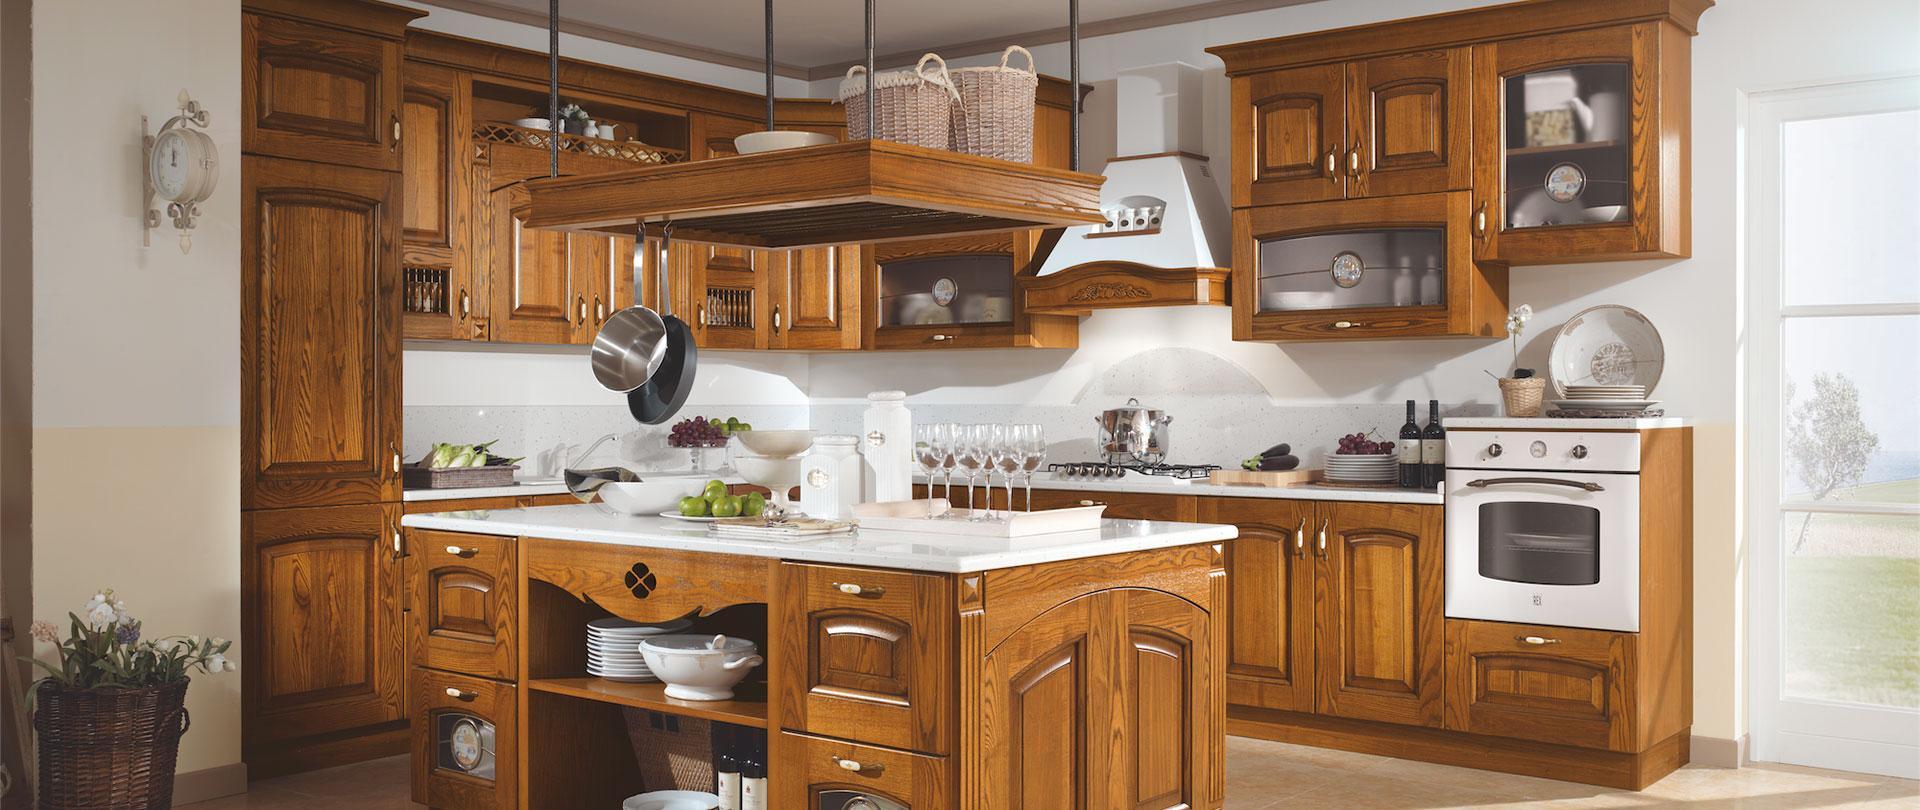 Cucine componibili classiche Arredomente | ARREDOMENTE srl